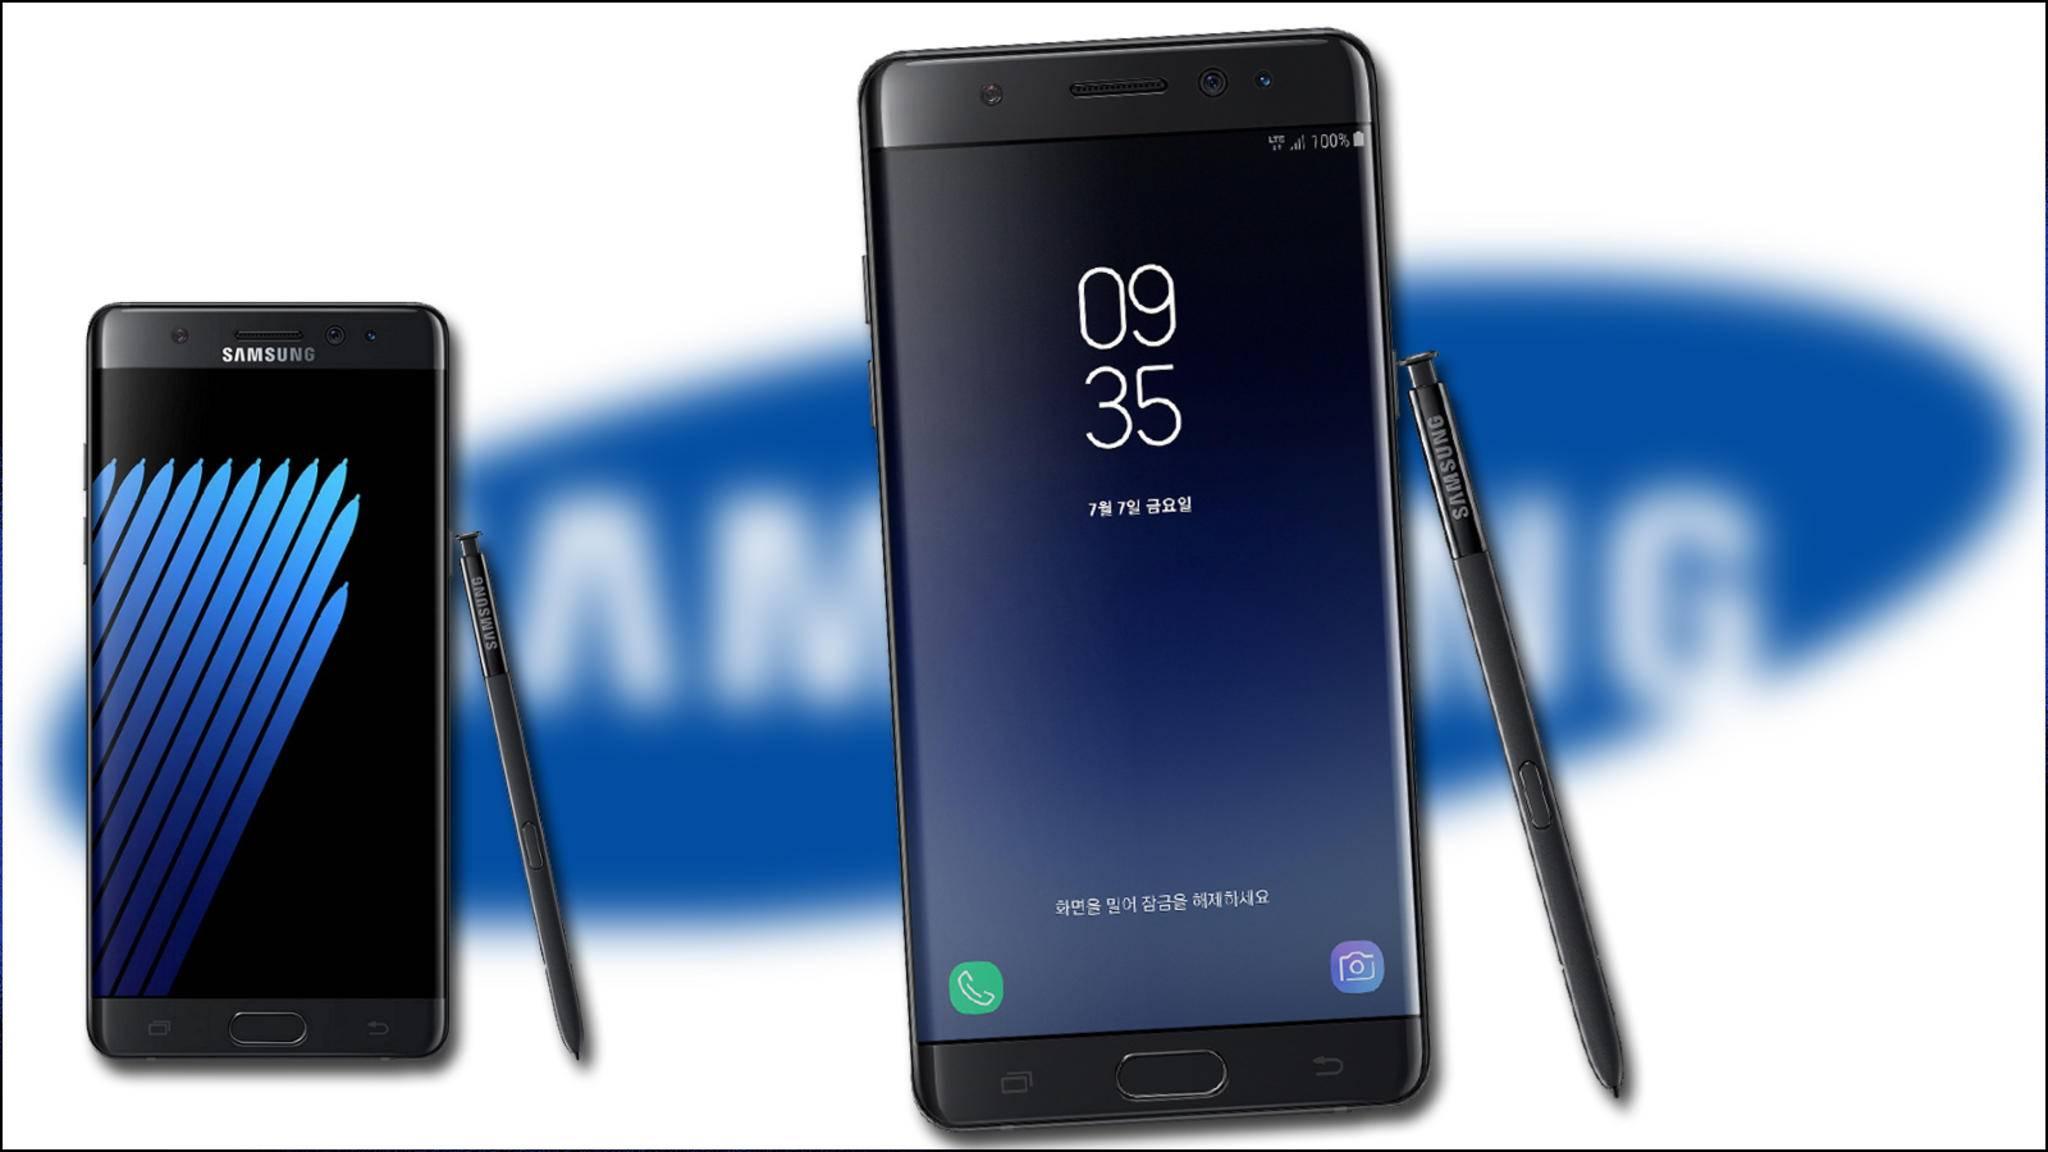 Das Galaxy Note FE im Vergleich zum Galaxy Note 7: Es gibt fünf wichtige Unterschiede.